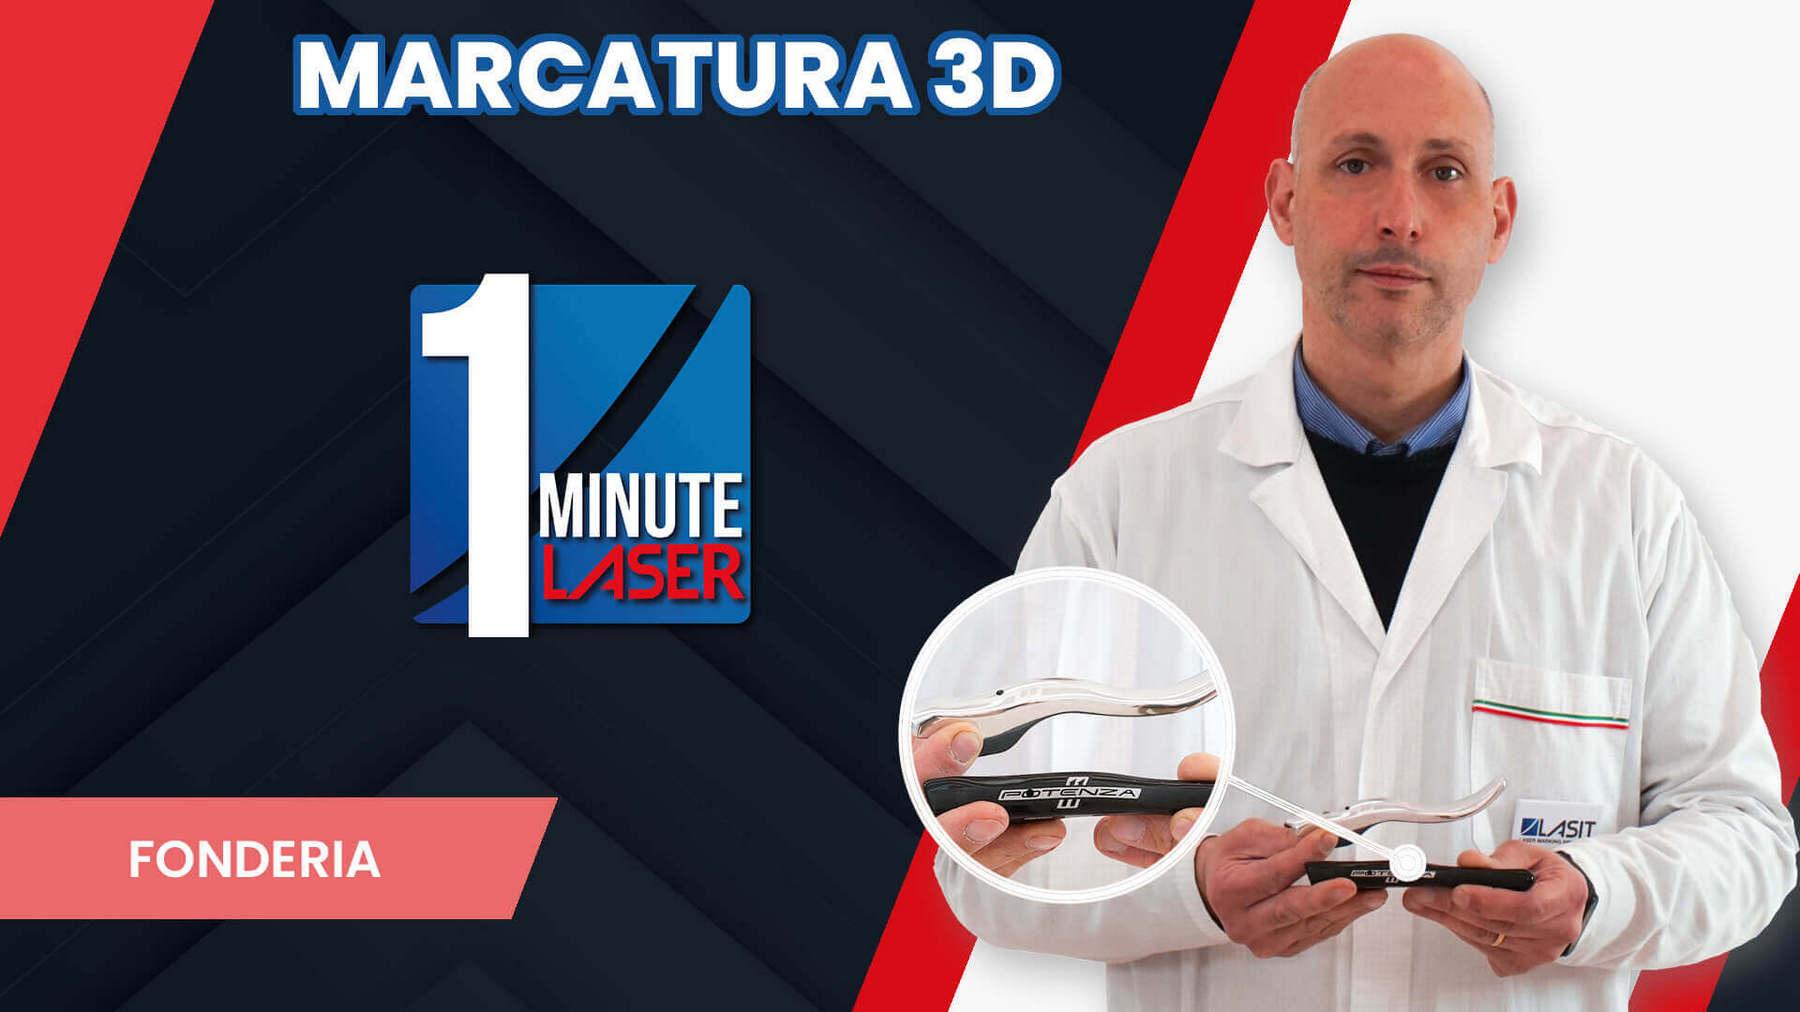 Copertina_One-Minute-Lasere-5-Marcatura_3D_COPERTINA Fonderia